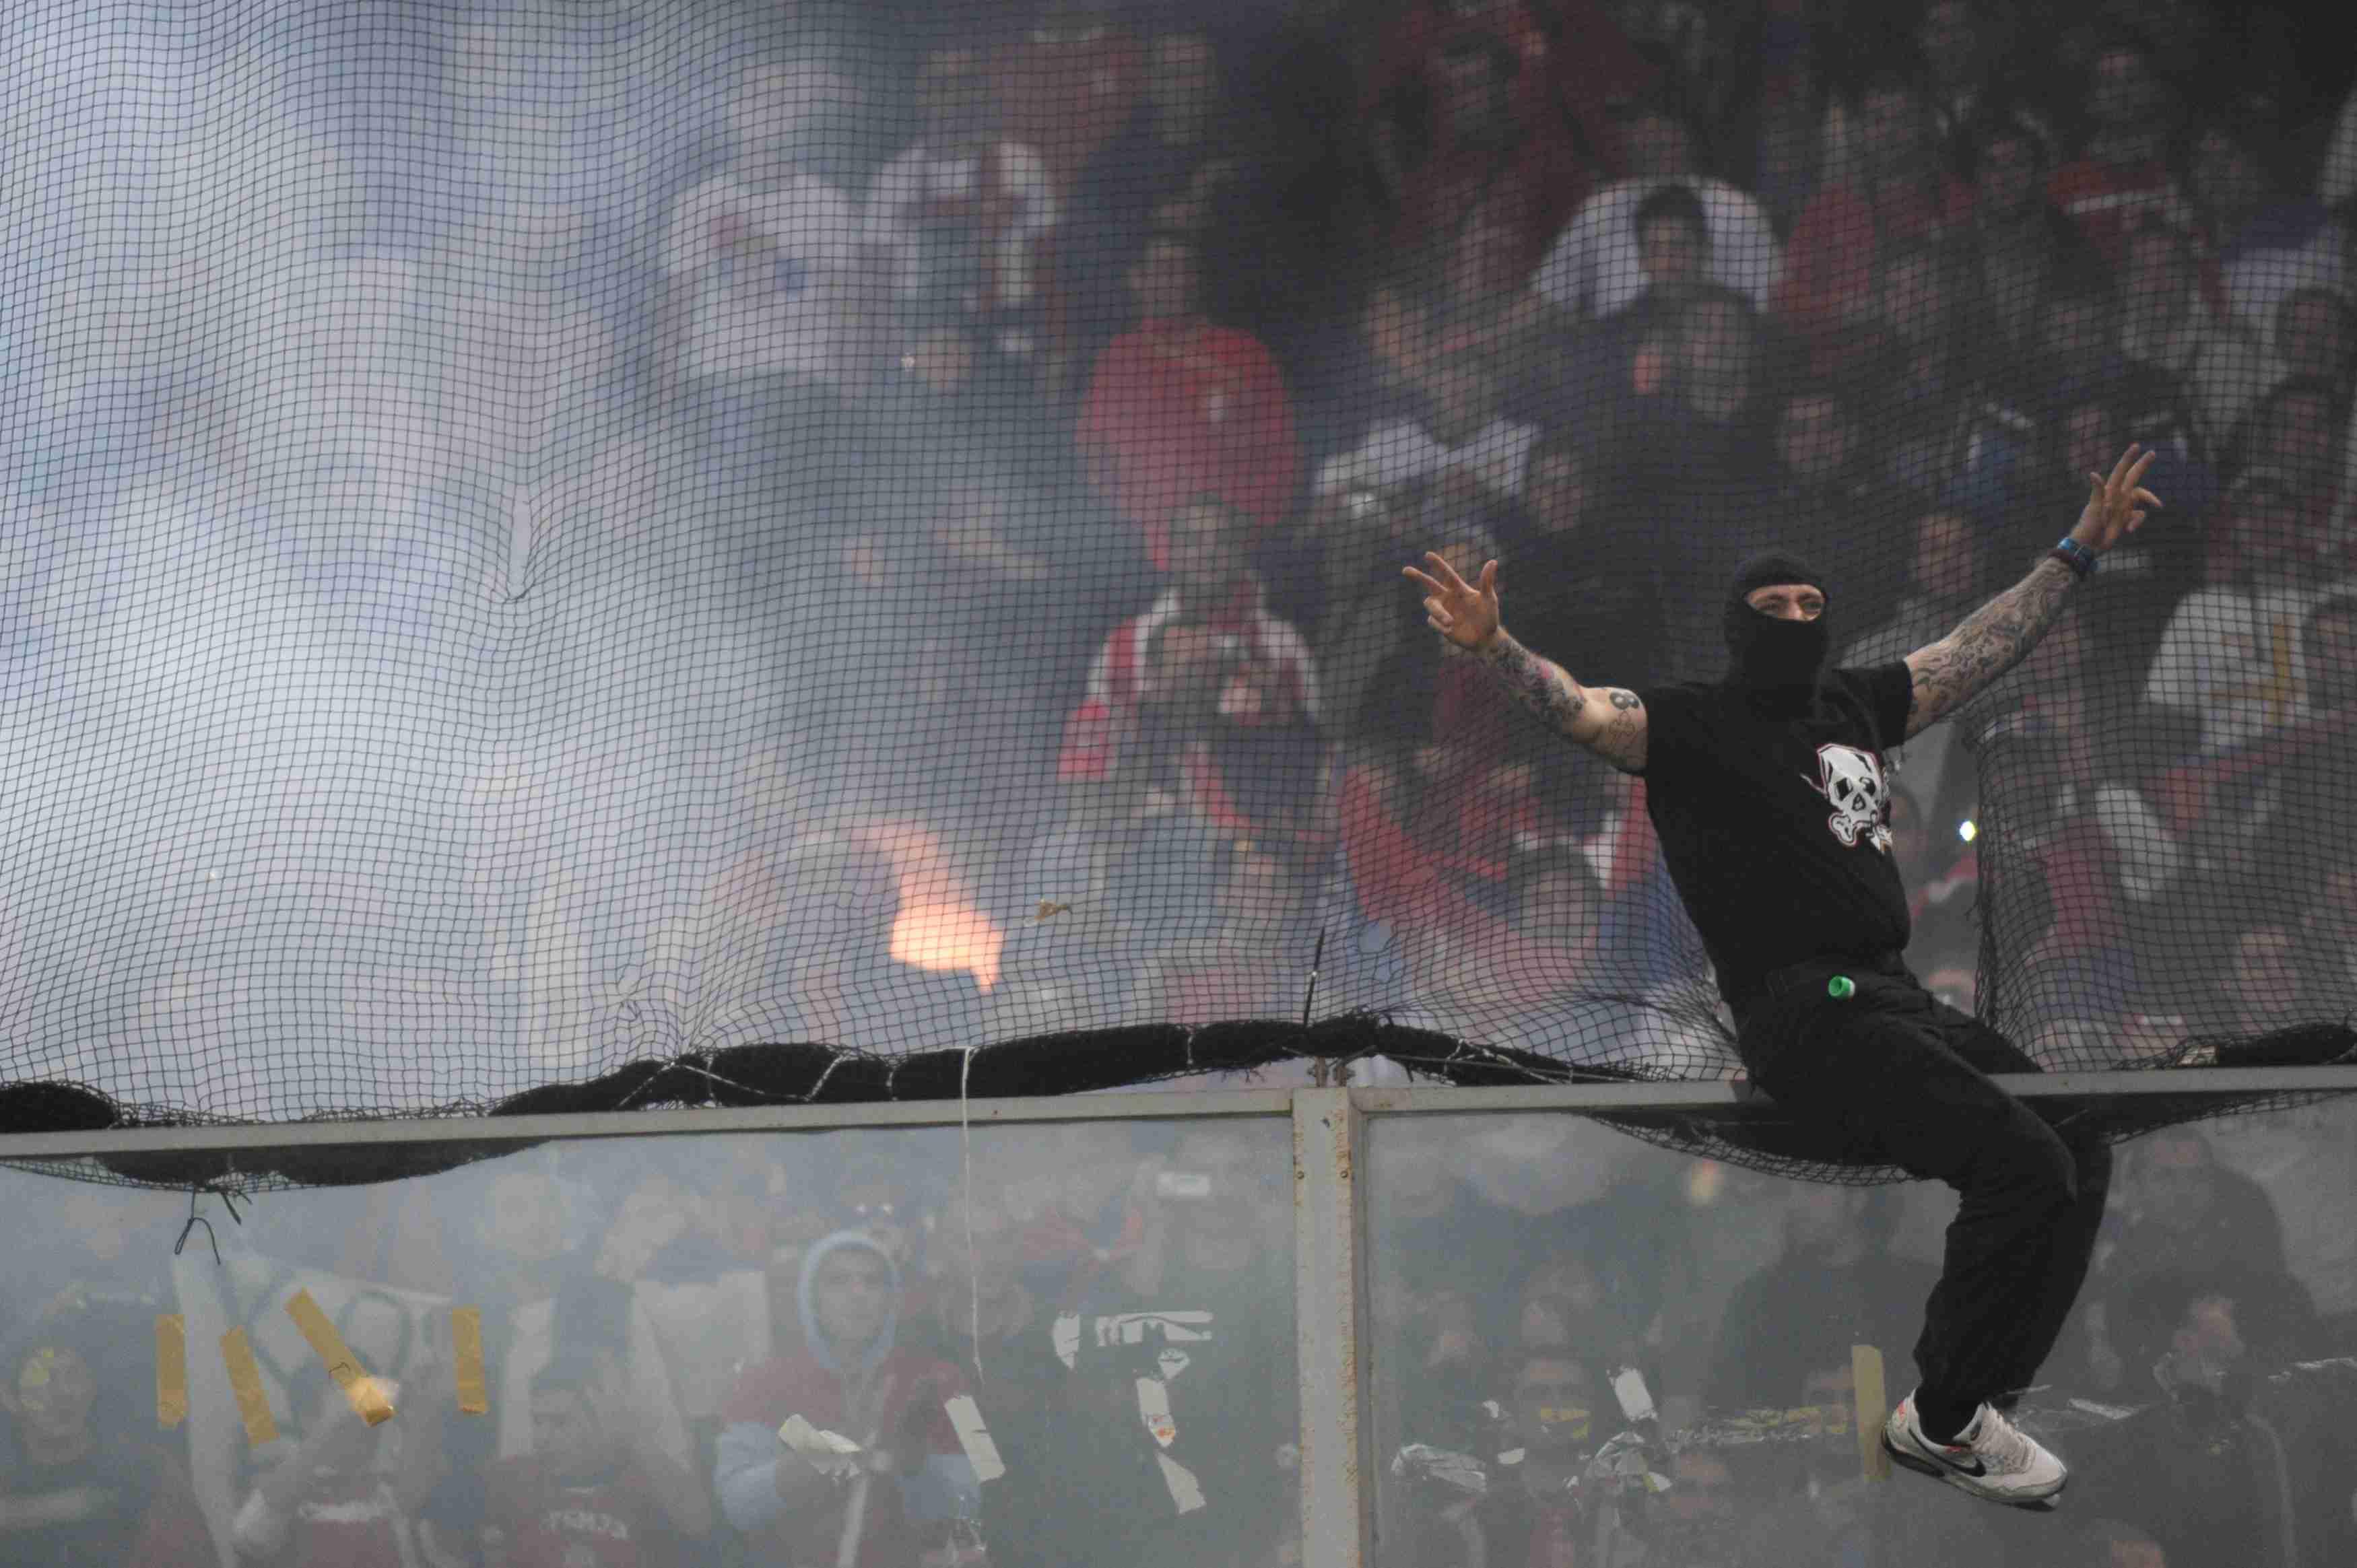 12 октября 2012 года. Генуя. Италия - Сербия - матч не доигран. Гости жгли флаги Албании и в итоге сорвали матч